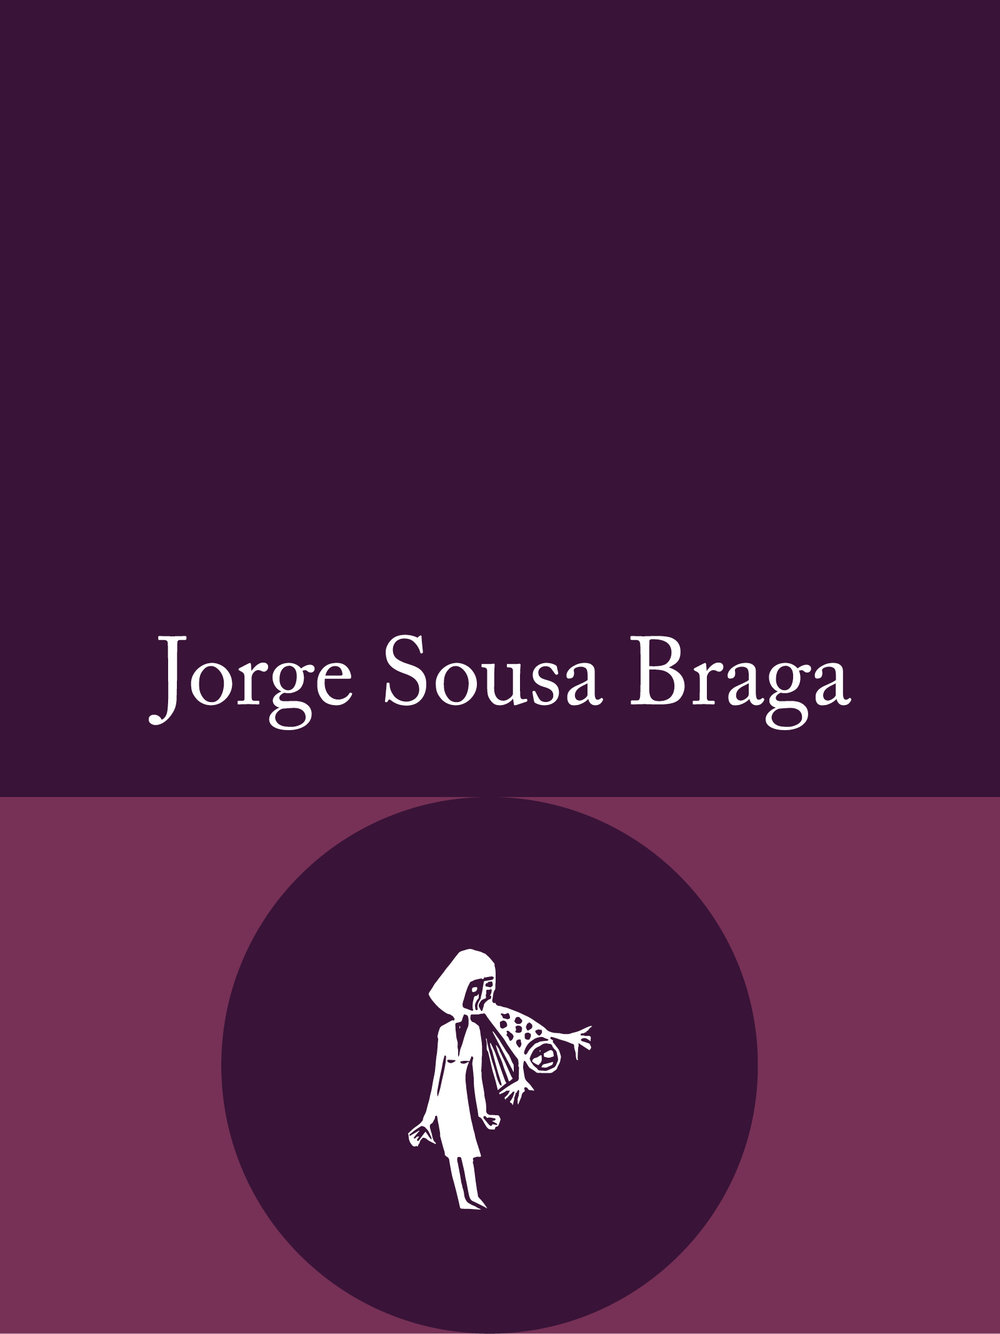 JorgeSousaBraga.jpg